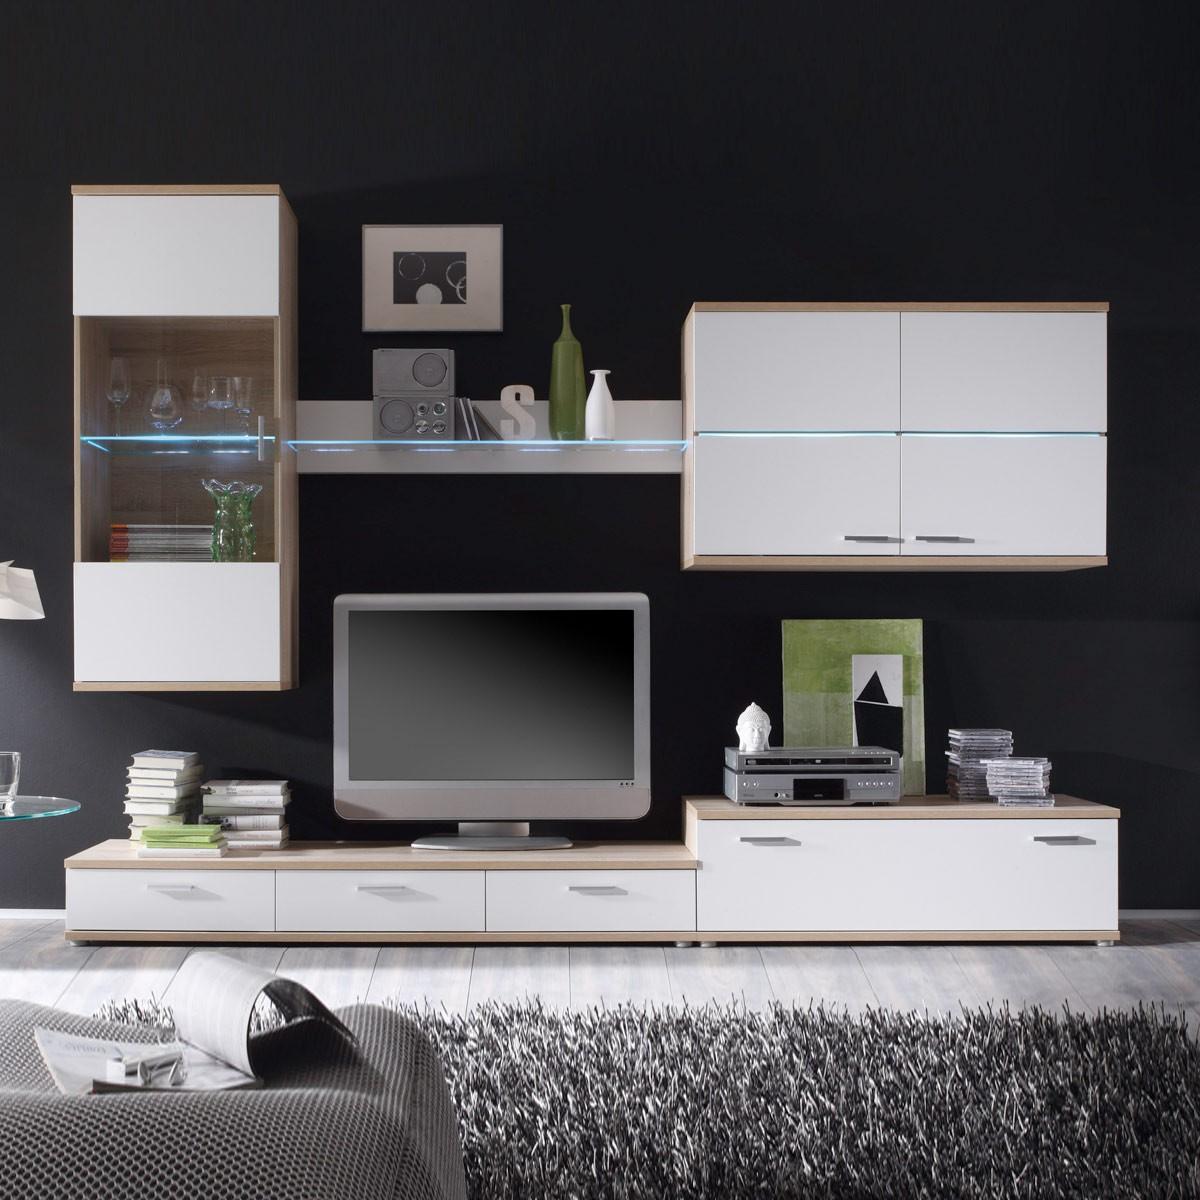 wohnwand sonoma eiche nachbildung wei interessante ideen f r die gestaltung. Black Bedroom Furniture Sets. Home Design Ideas